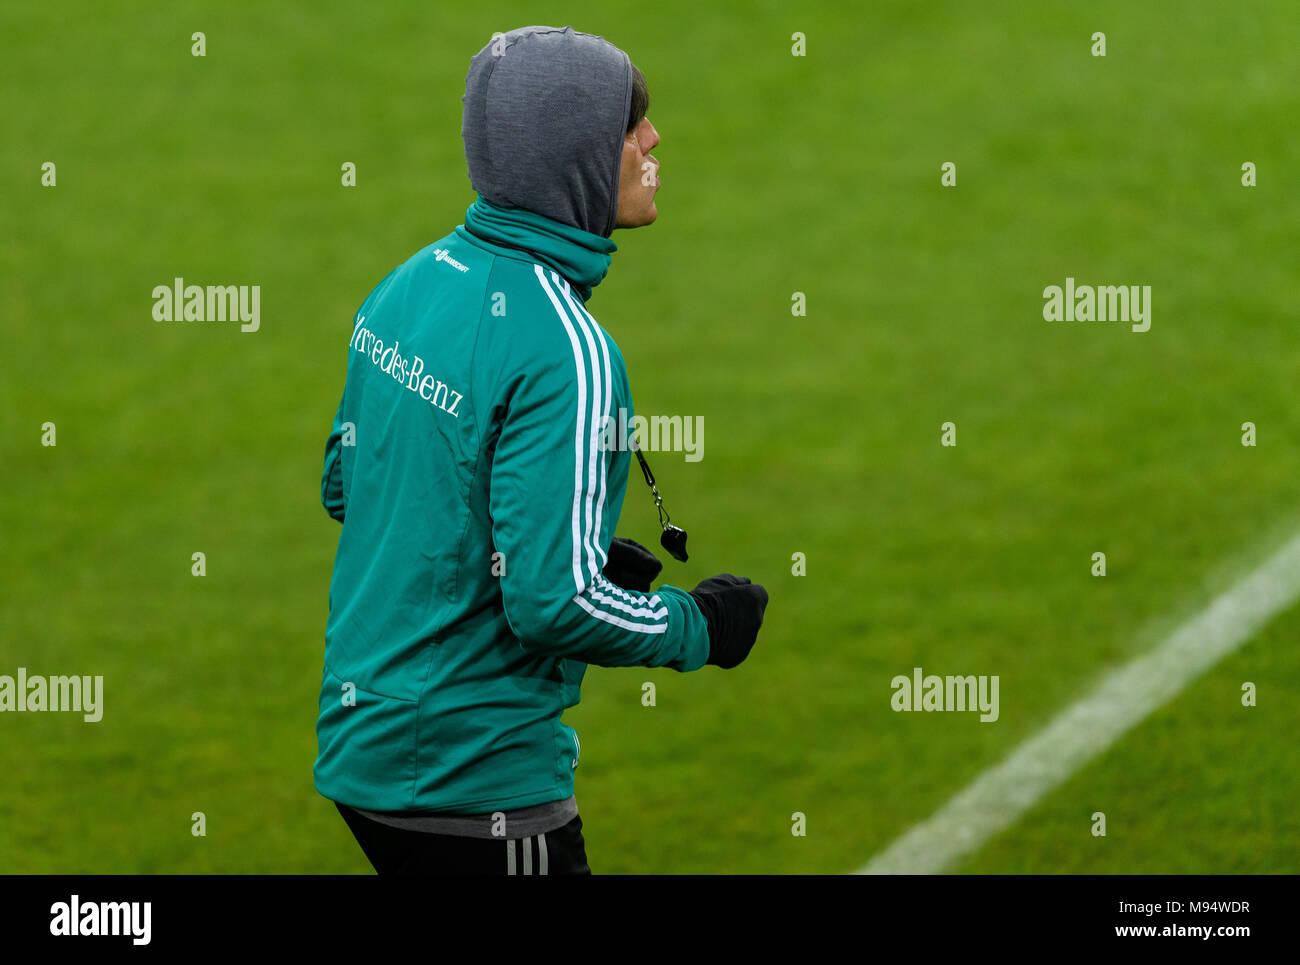 Beste Fußball Färbung Fotos - Malvorlagen Von Tieren - ngadi.info